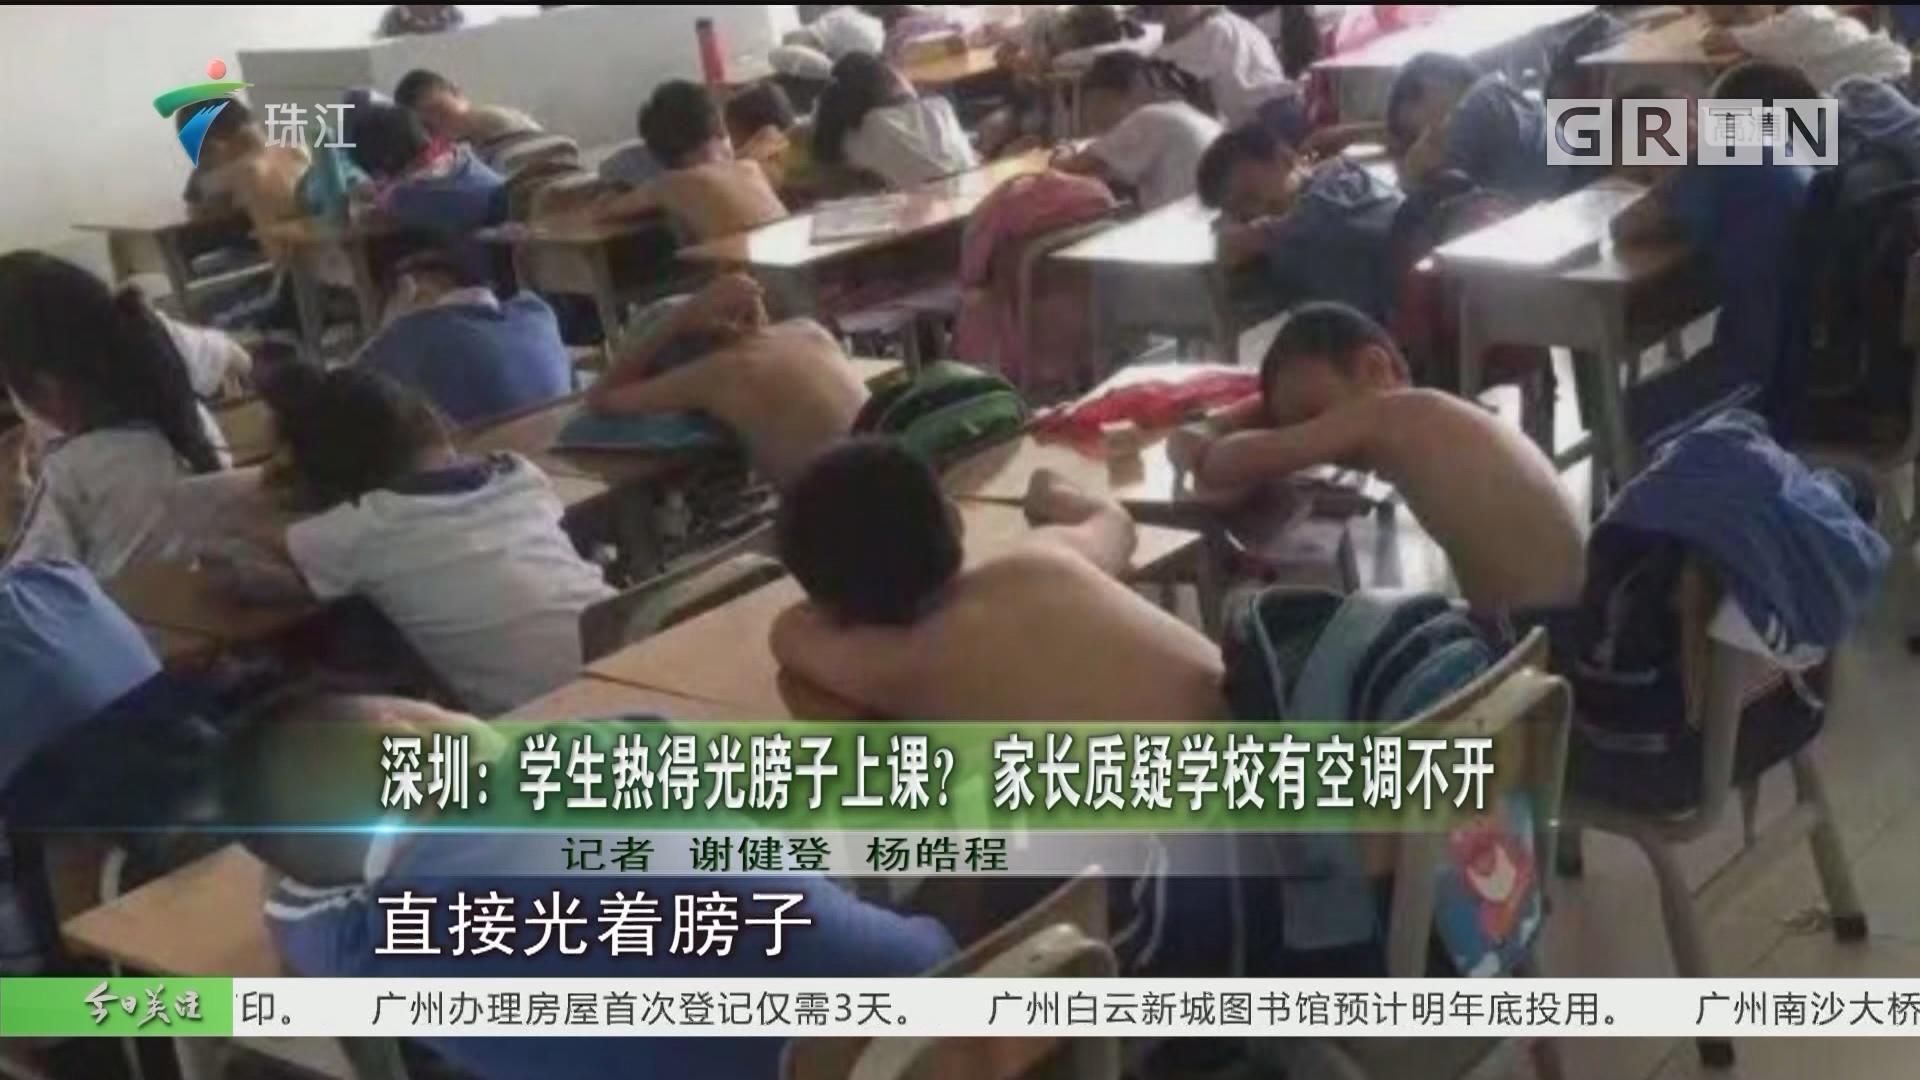 深圳:學生熱得光膀子上課?家長質疑學校有空調不開